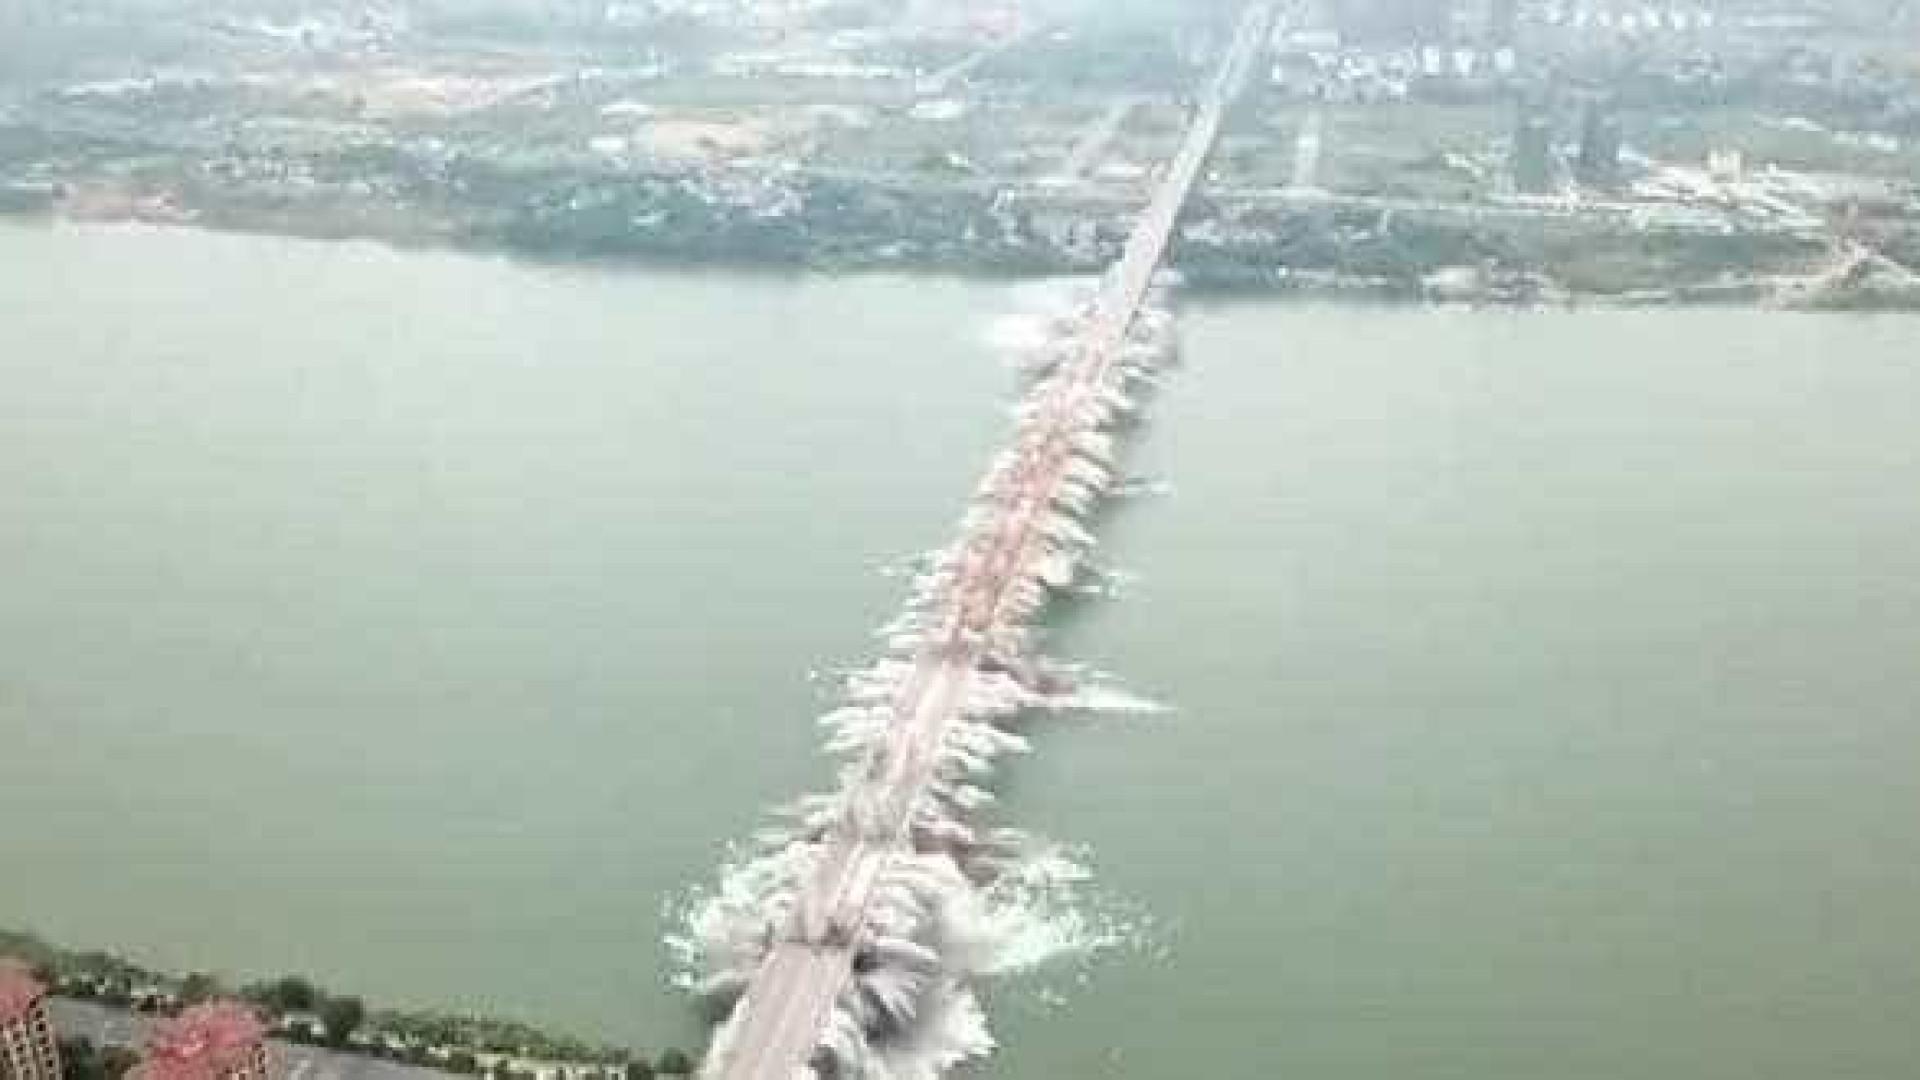 Ponte 1500 metros na China é demolida em segundos